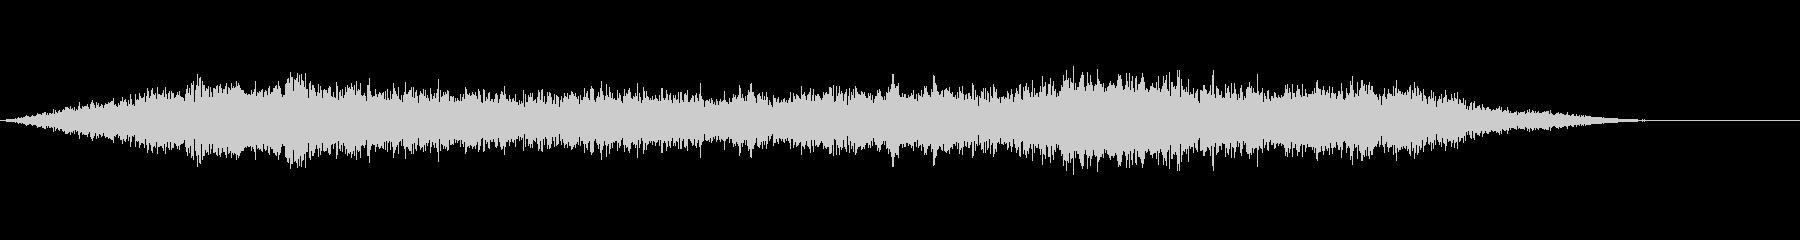 音楽:不気味な低僧聖歌隊ドローン。の未再生の波形